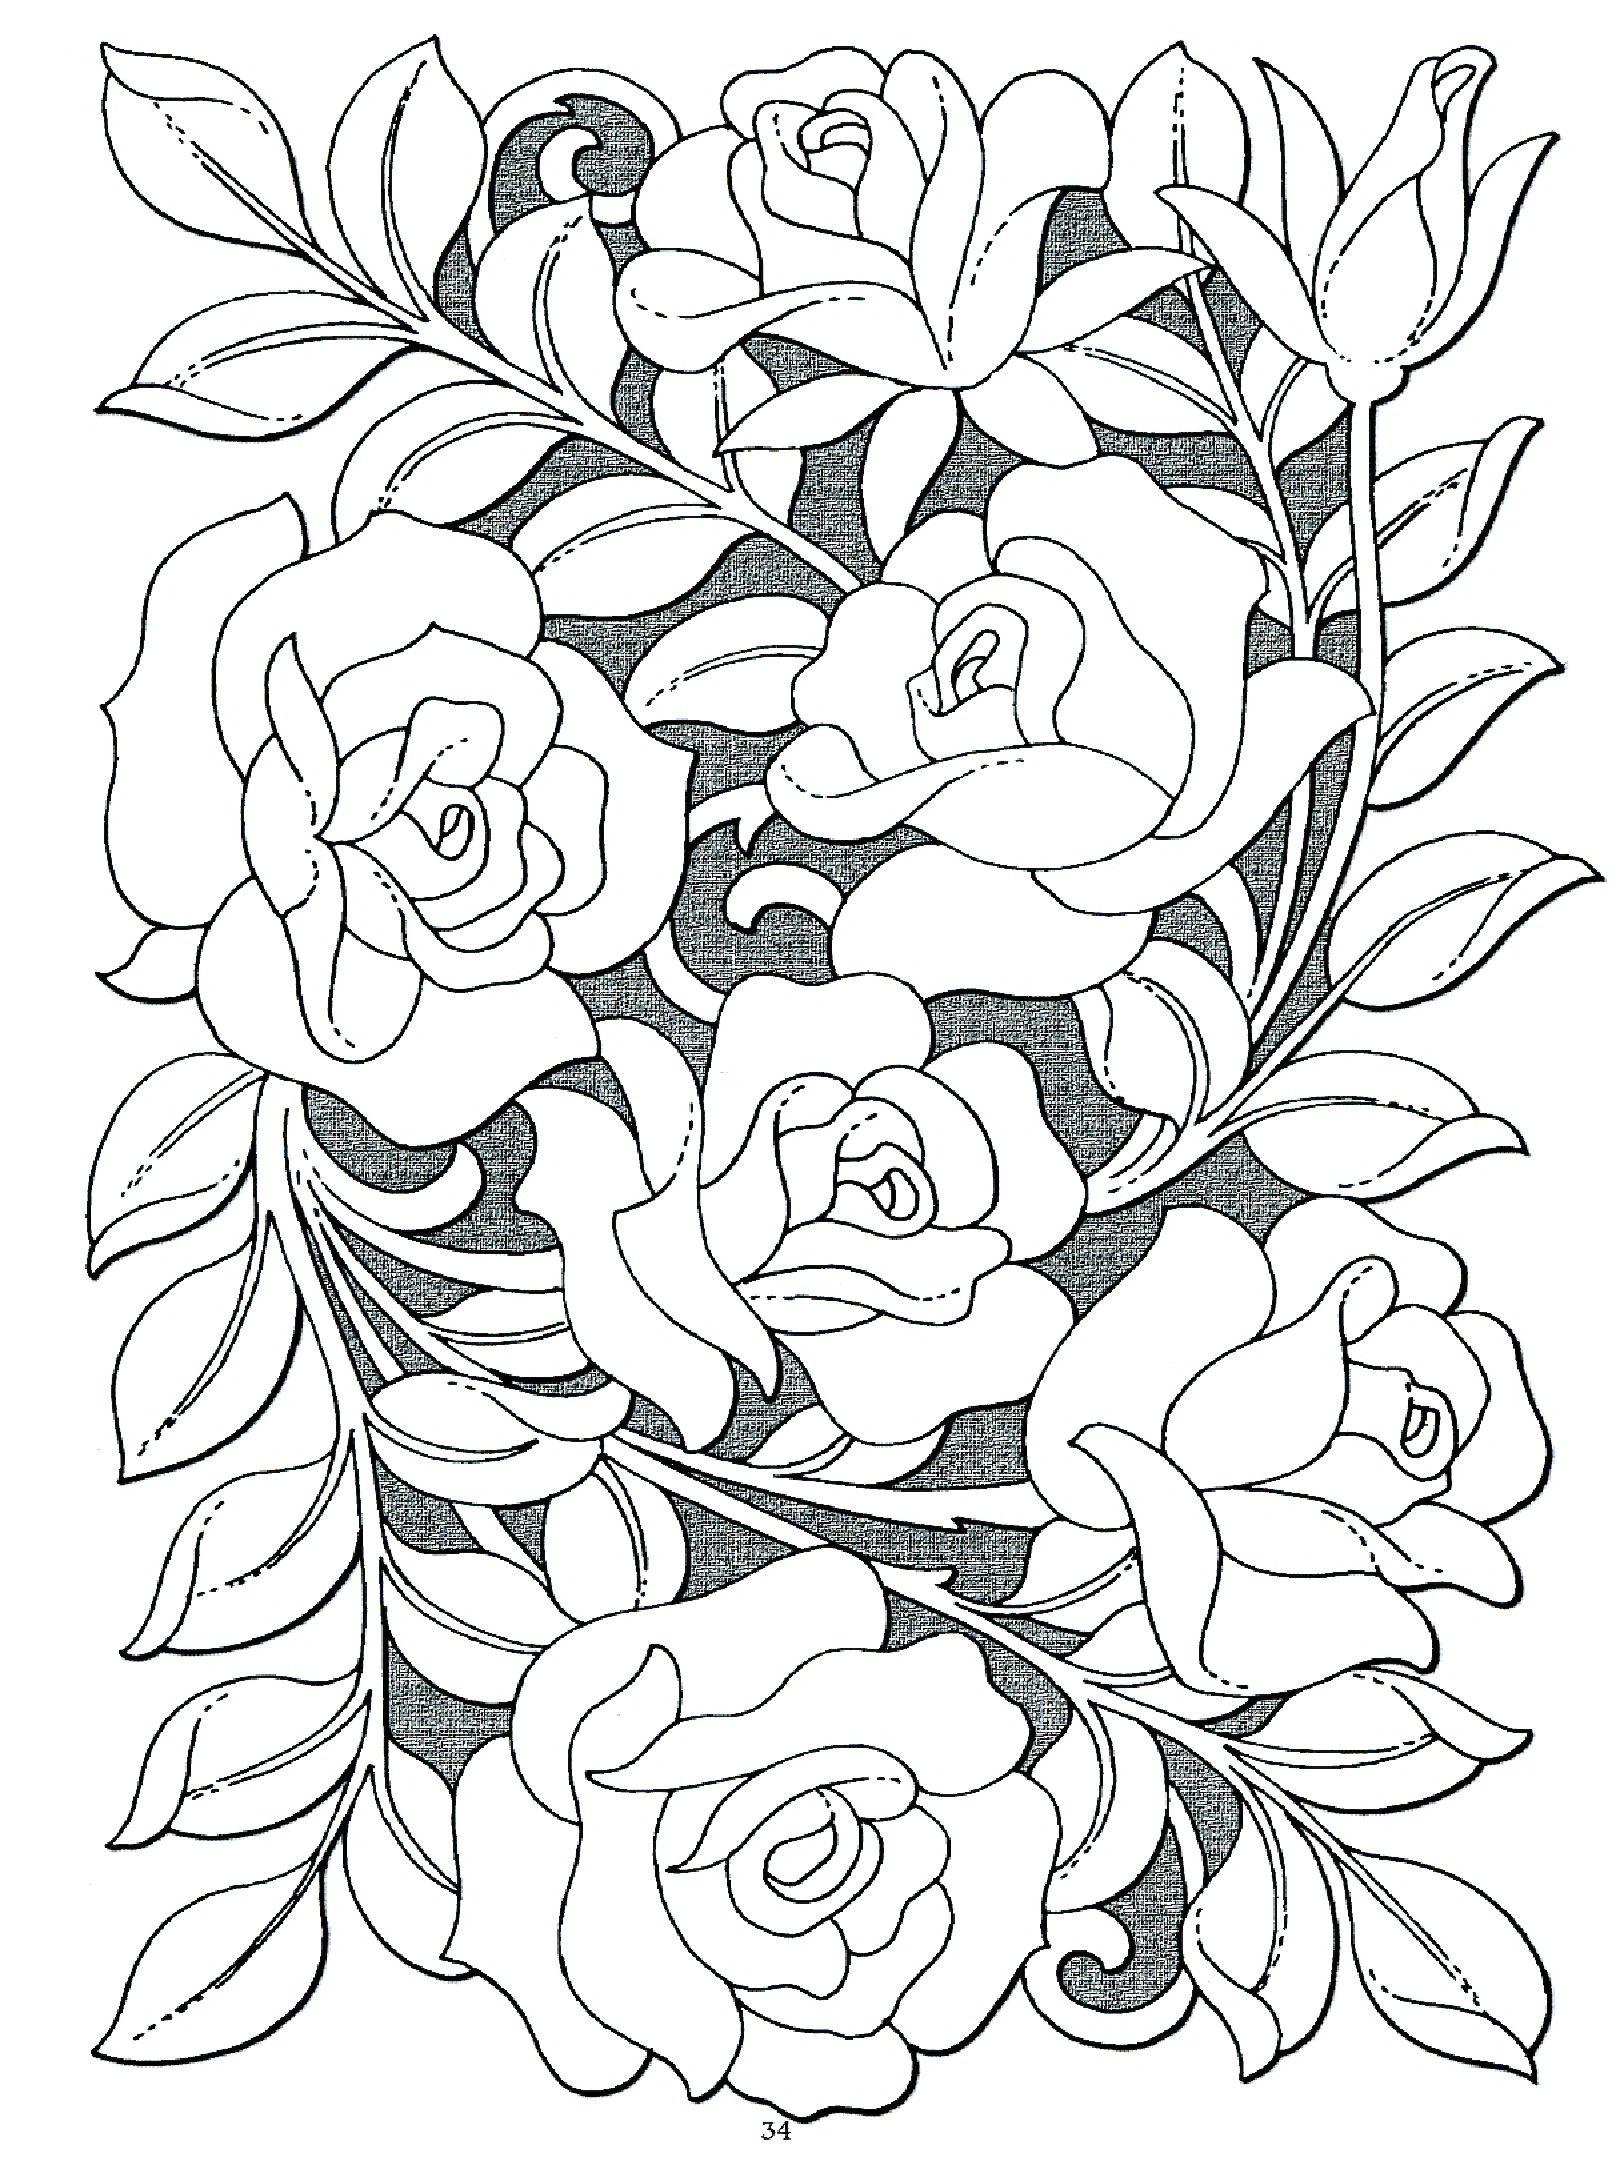 Élégant Image Bouquet De Fleurs à Colorier